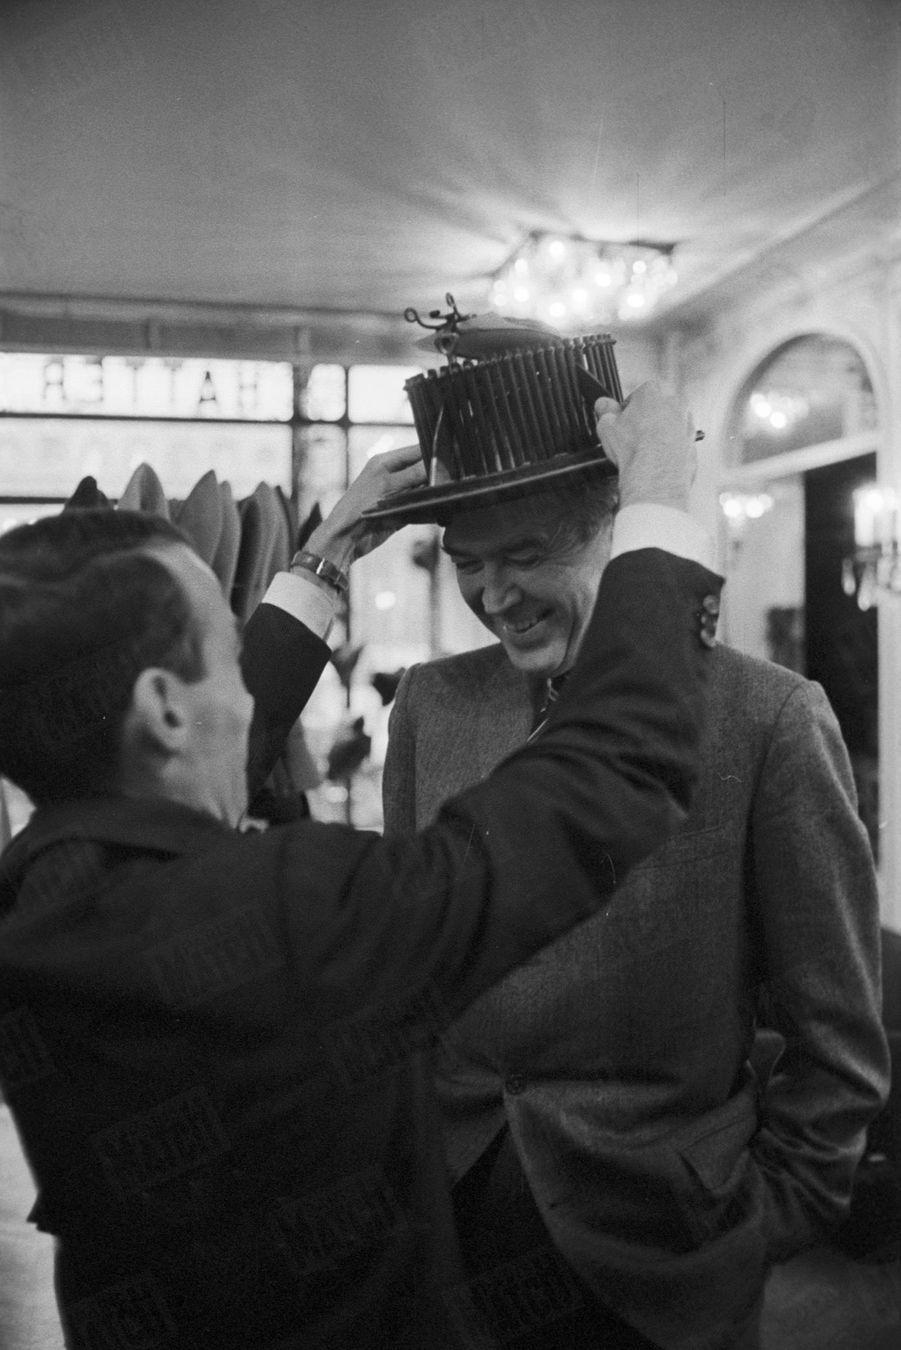 James Stewartportant l'appareil à mesurer le tour de tête chez un chapelier, lors d'un passage à Paris en novembre 1959.